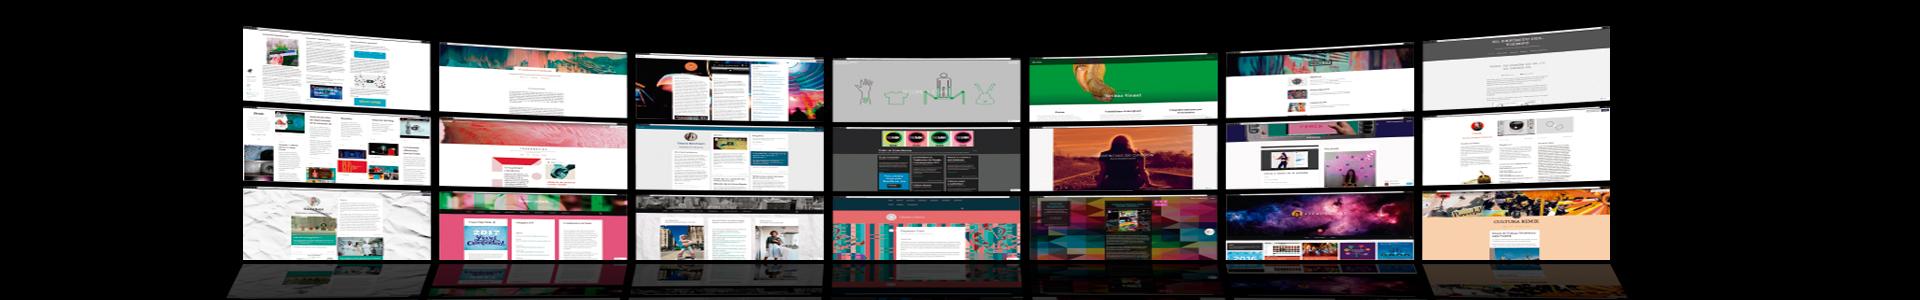 Blogosfera de tendencias del diseño contemporáneo